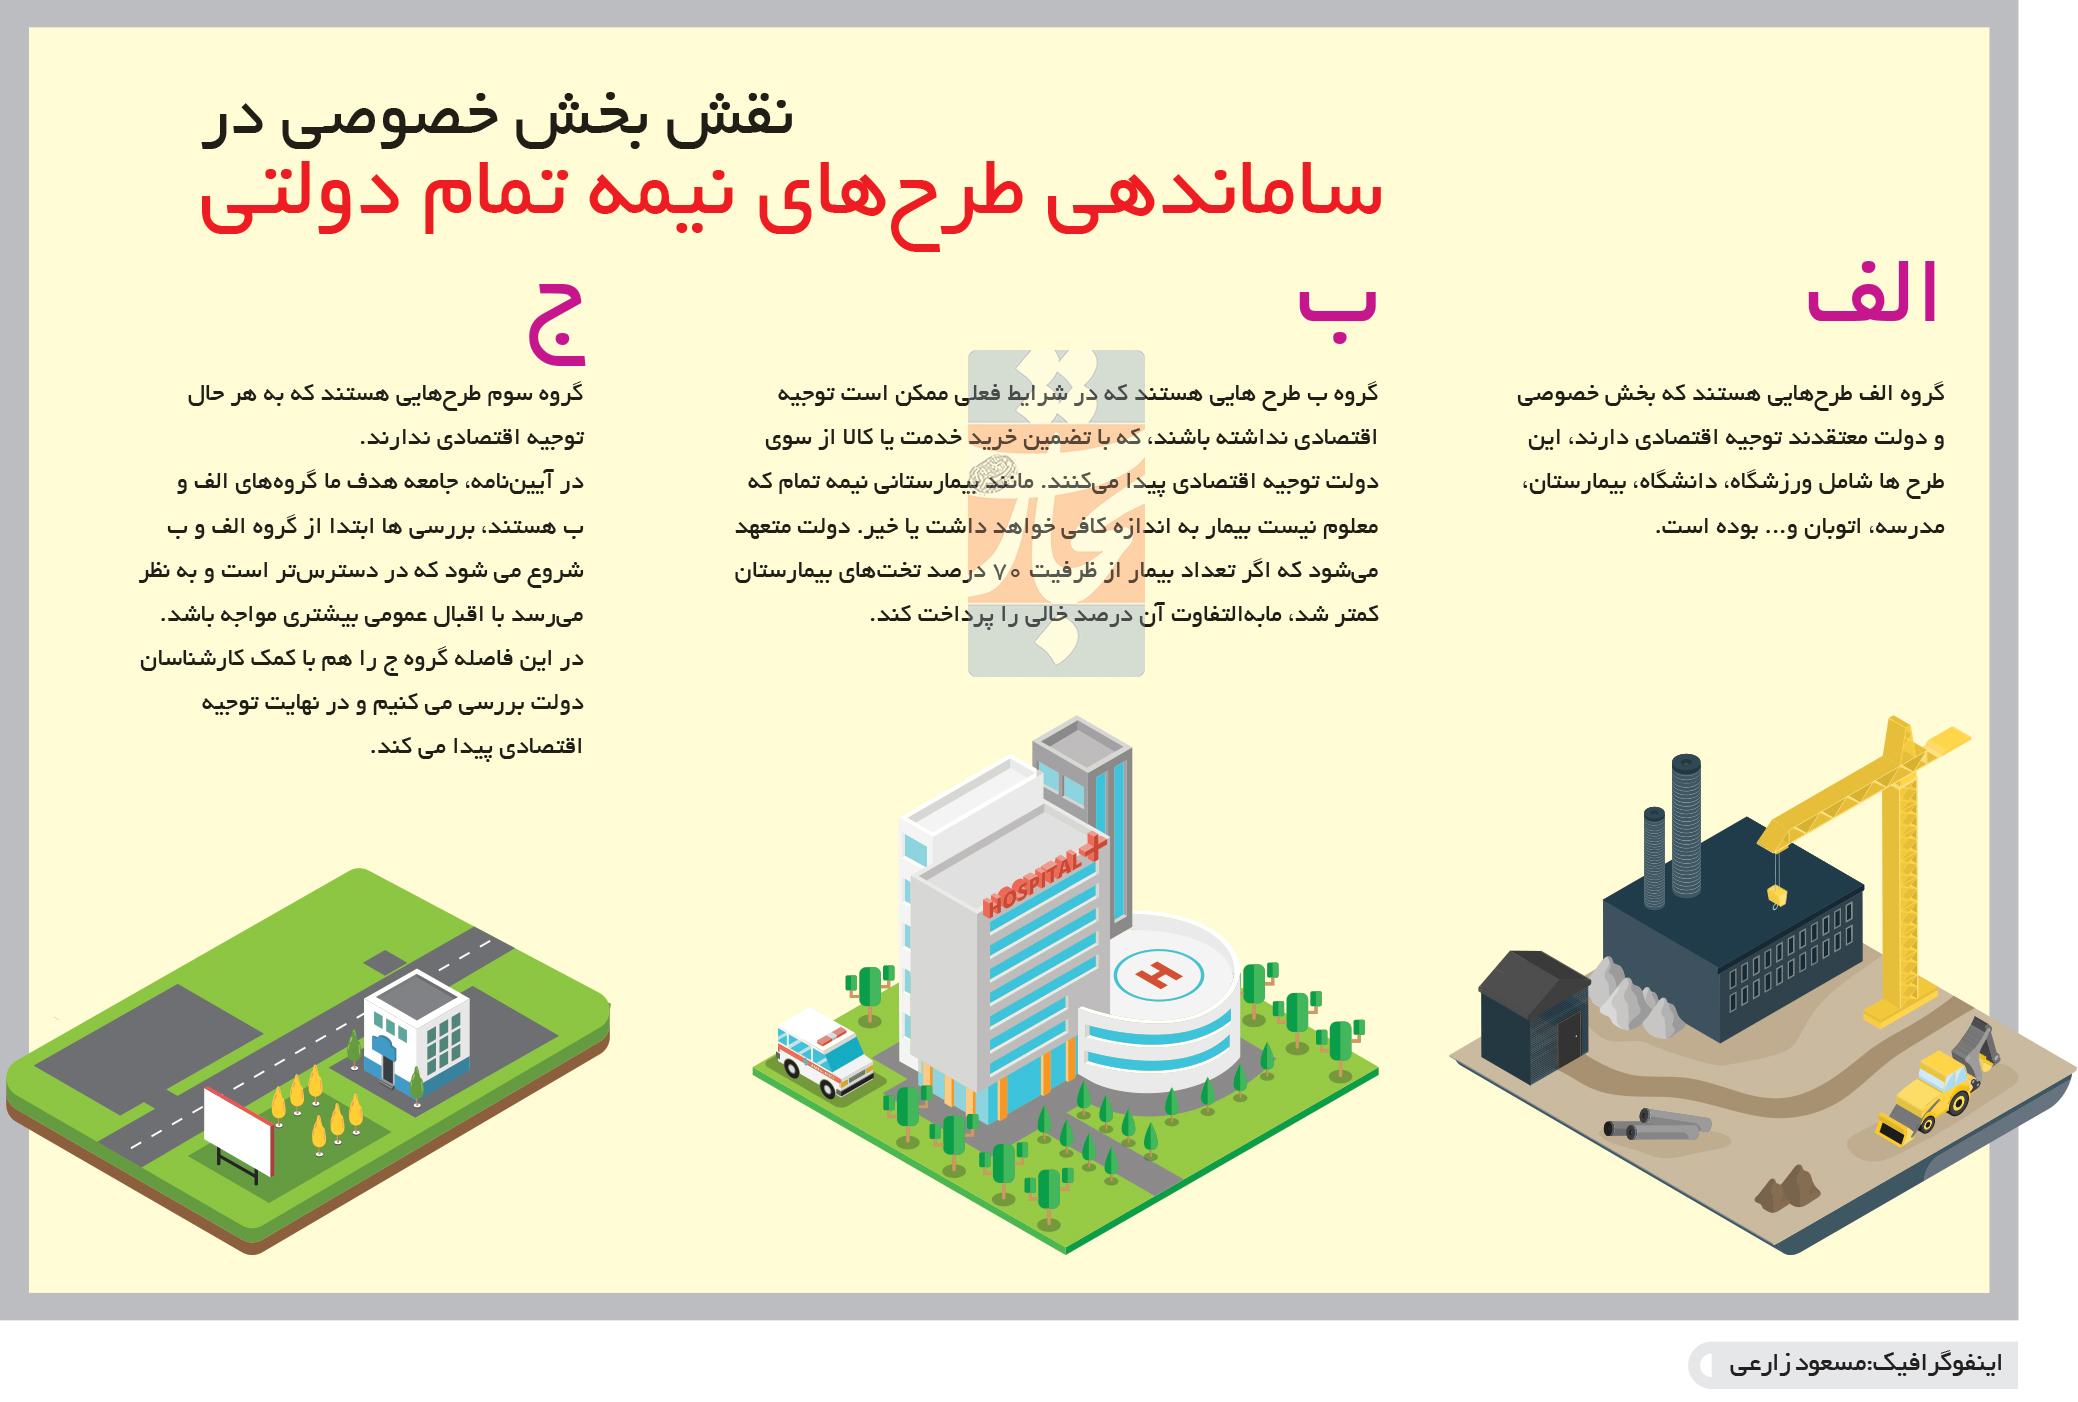 تجارت فردا- اینفوگرافیک-نقش بخش خصوصی در ساماندهی طرحهای نیمه تمام دولتی